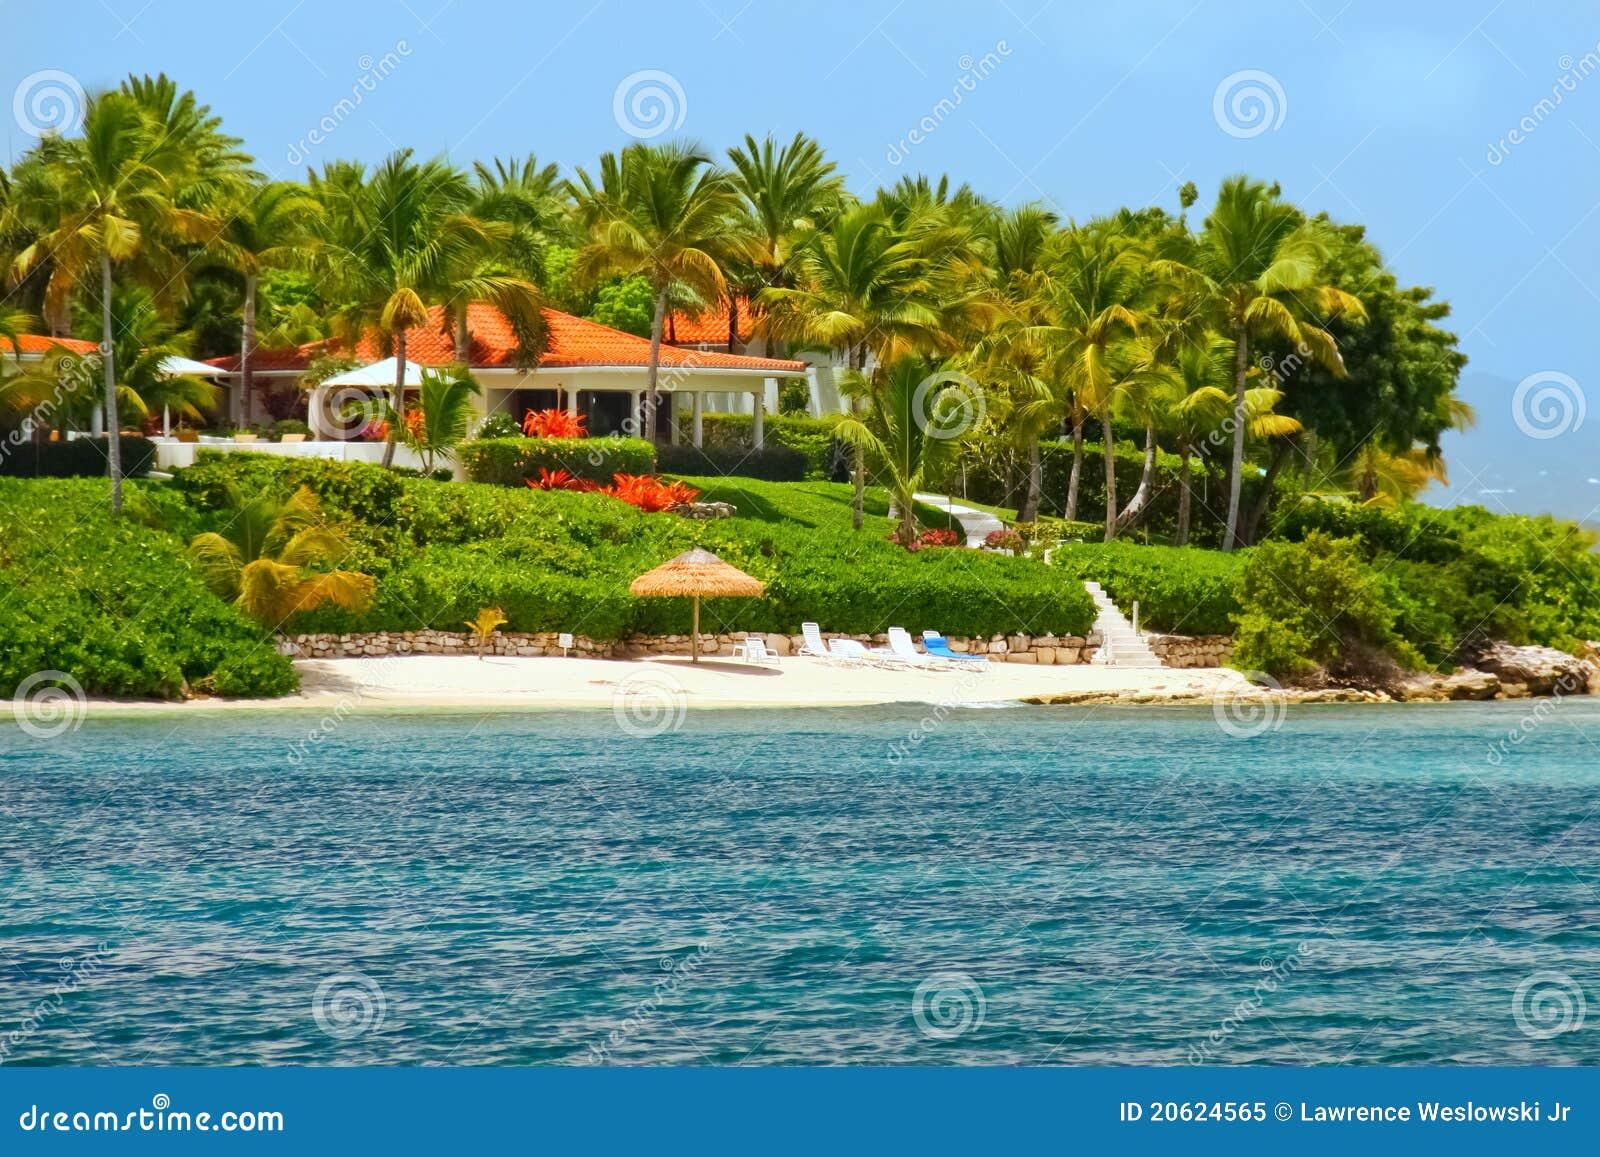 Belle maison de bord de mer avec la plage sur l 39 antigua for Maison bord de mer